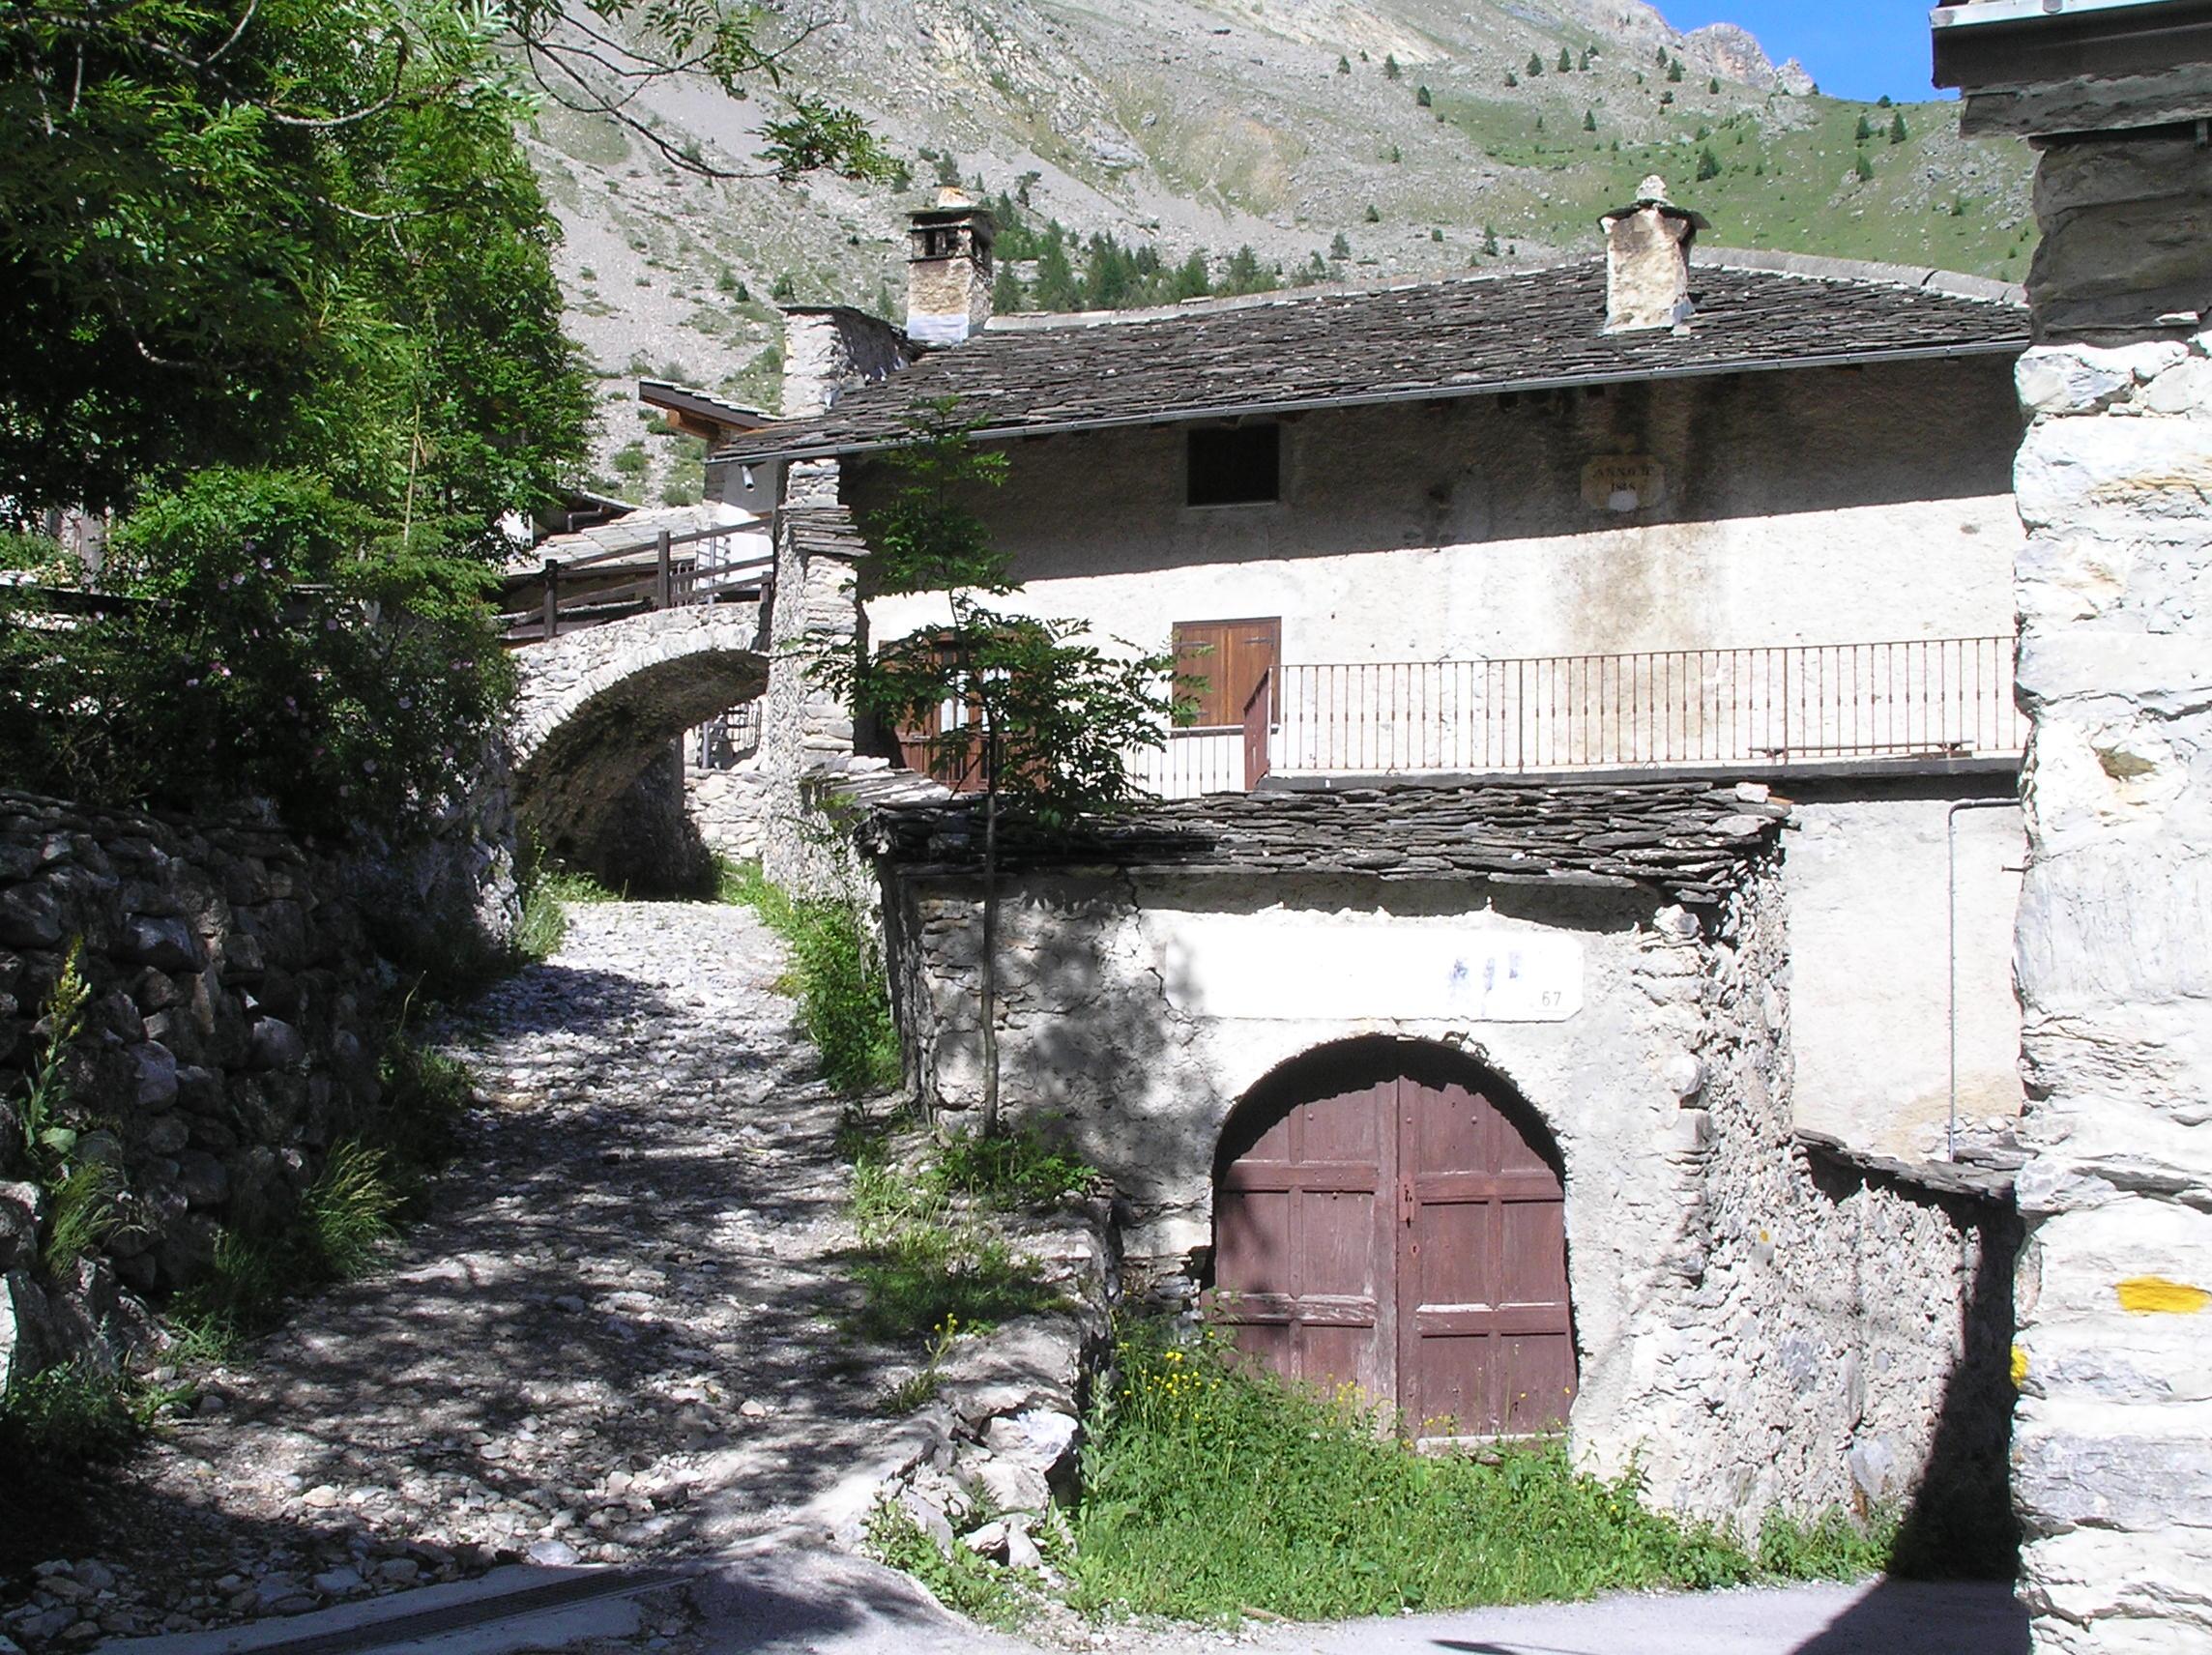 Architektur in den Bergen